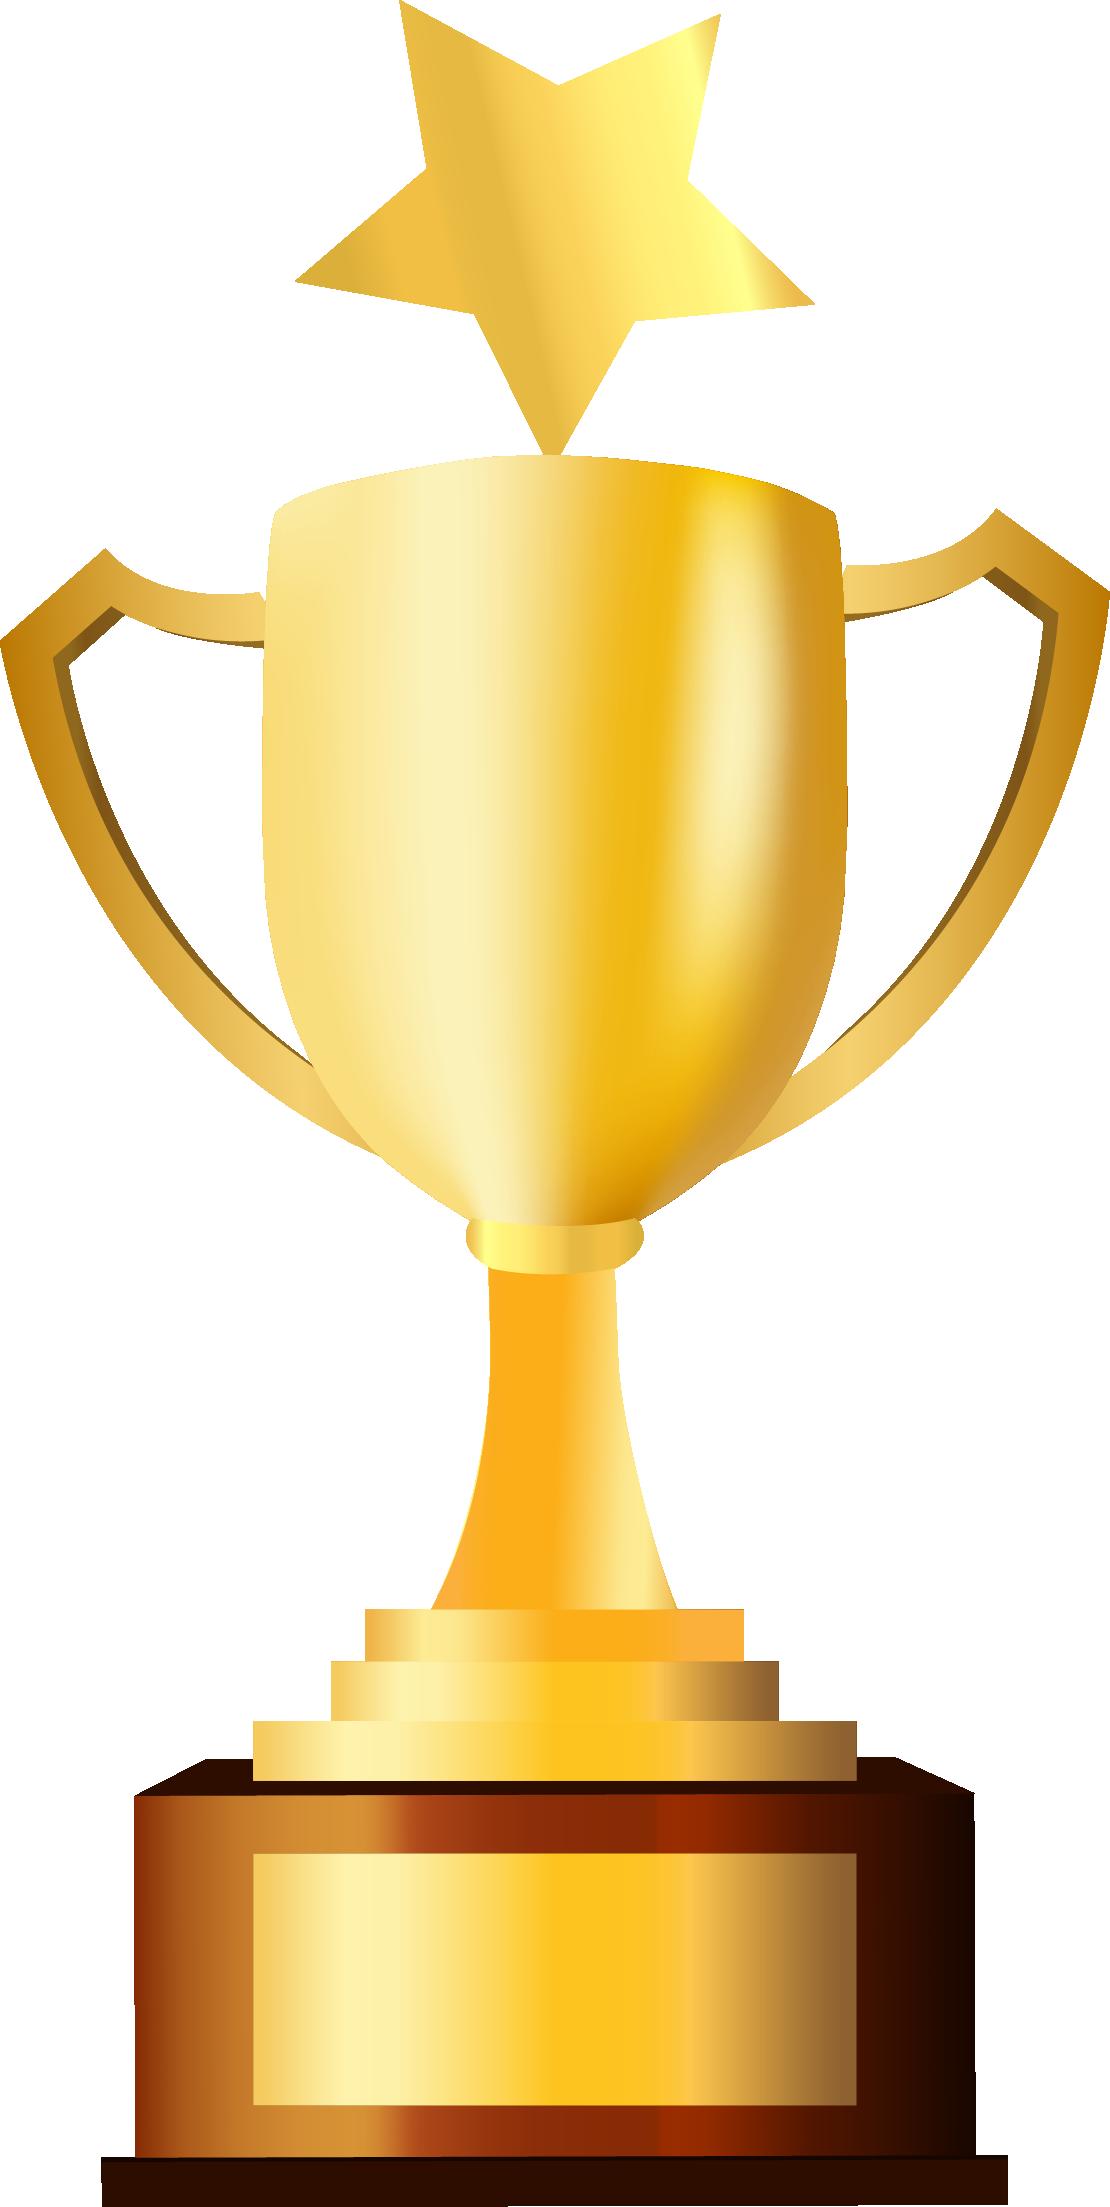 Trophy Prize Clip art.